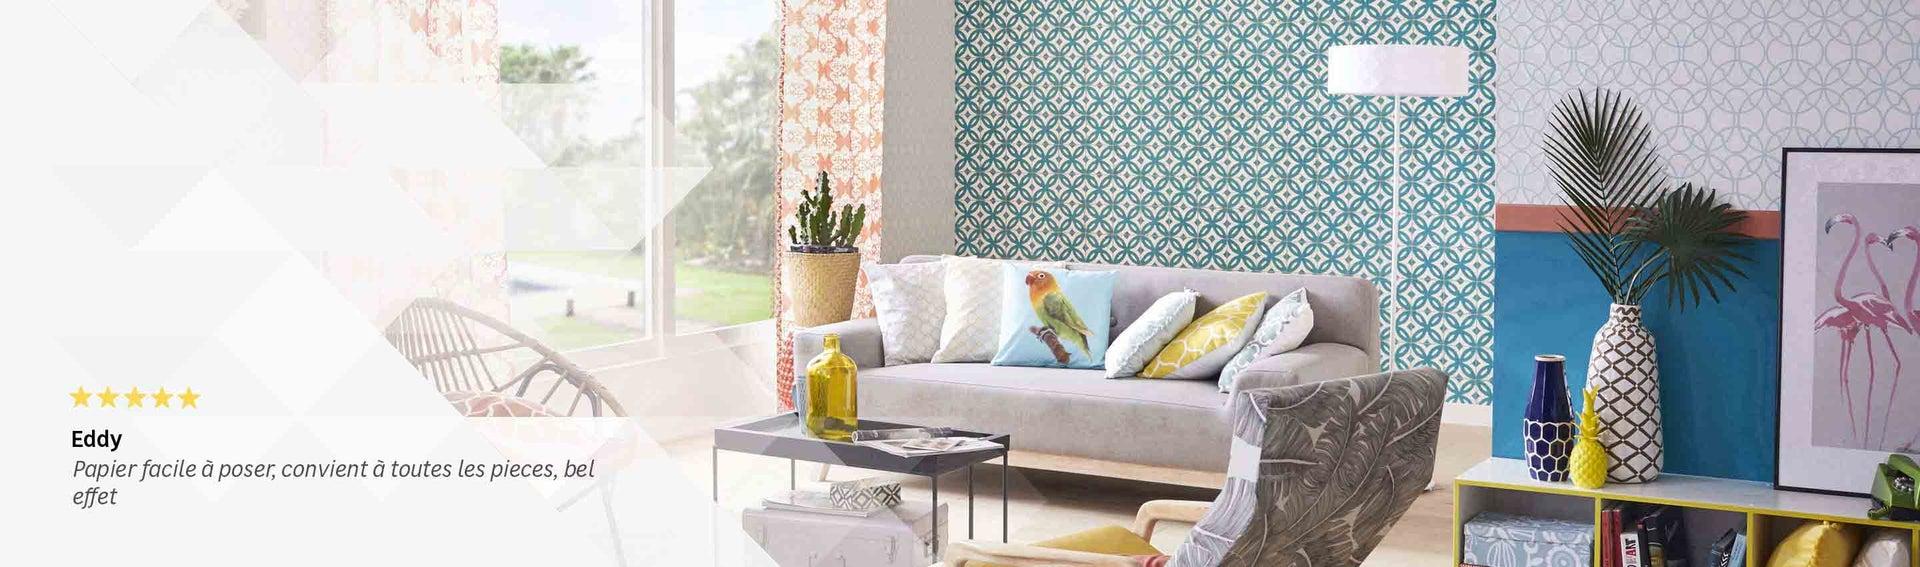 Papier peint frise et fibre de verre tapisserie for Image murale a tapisser